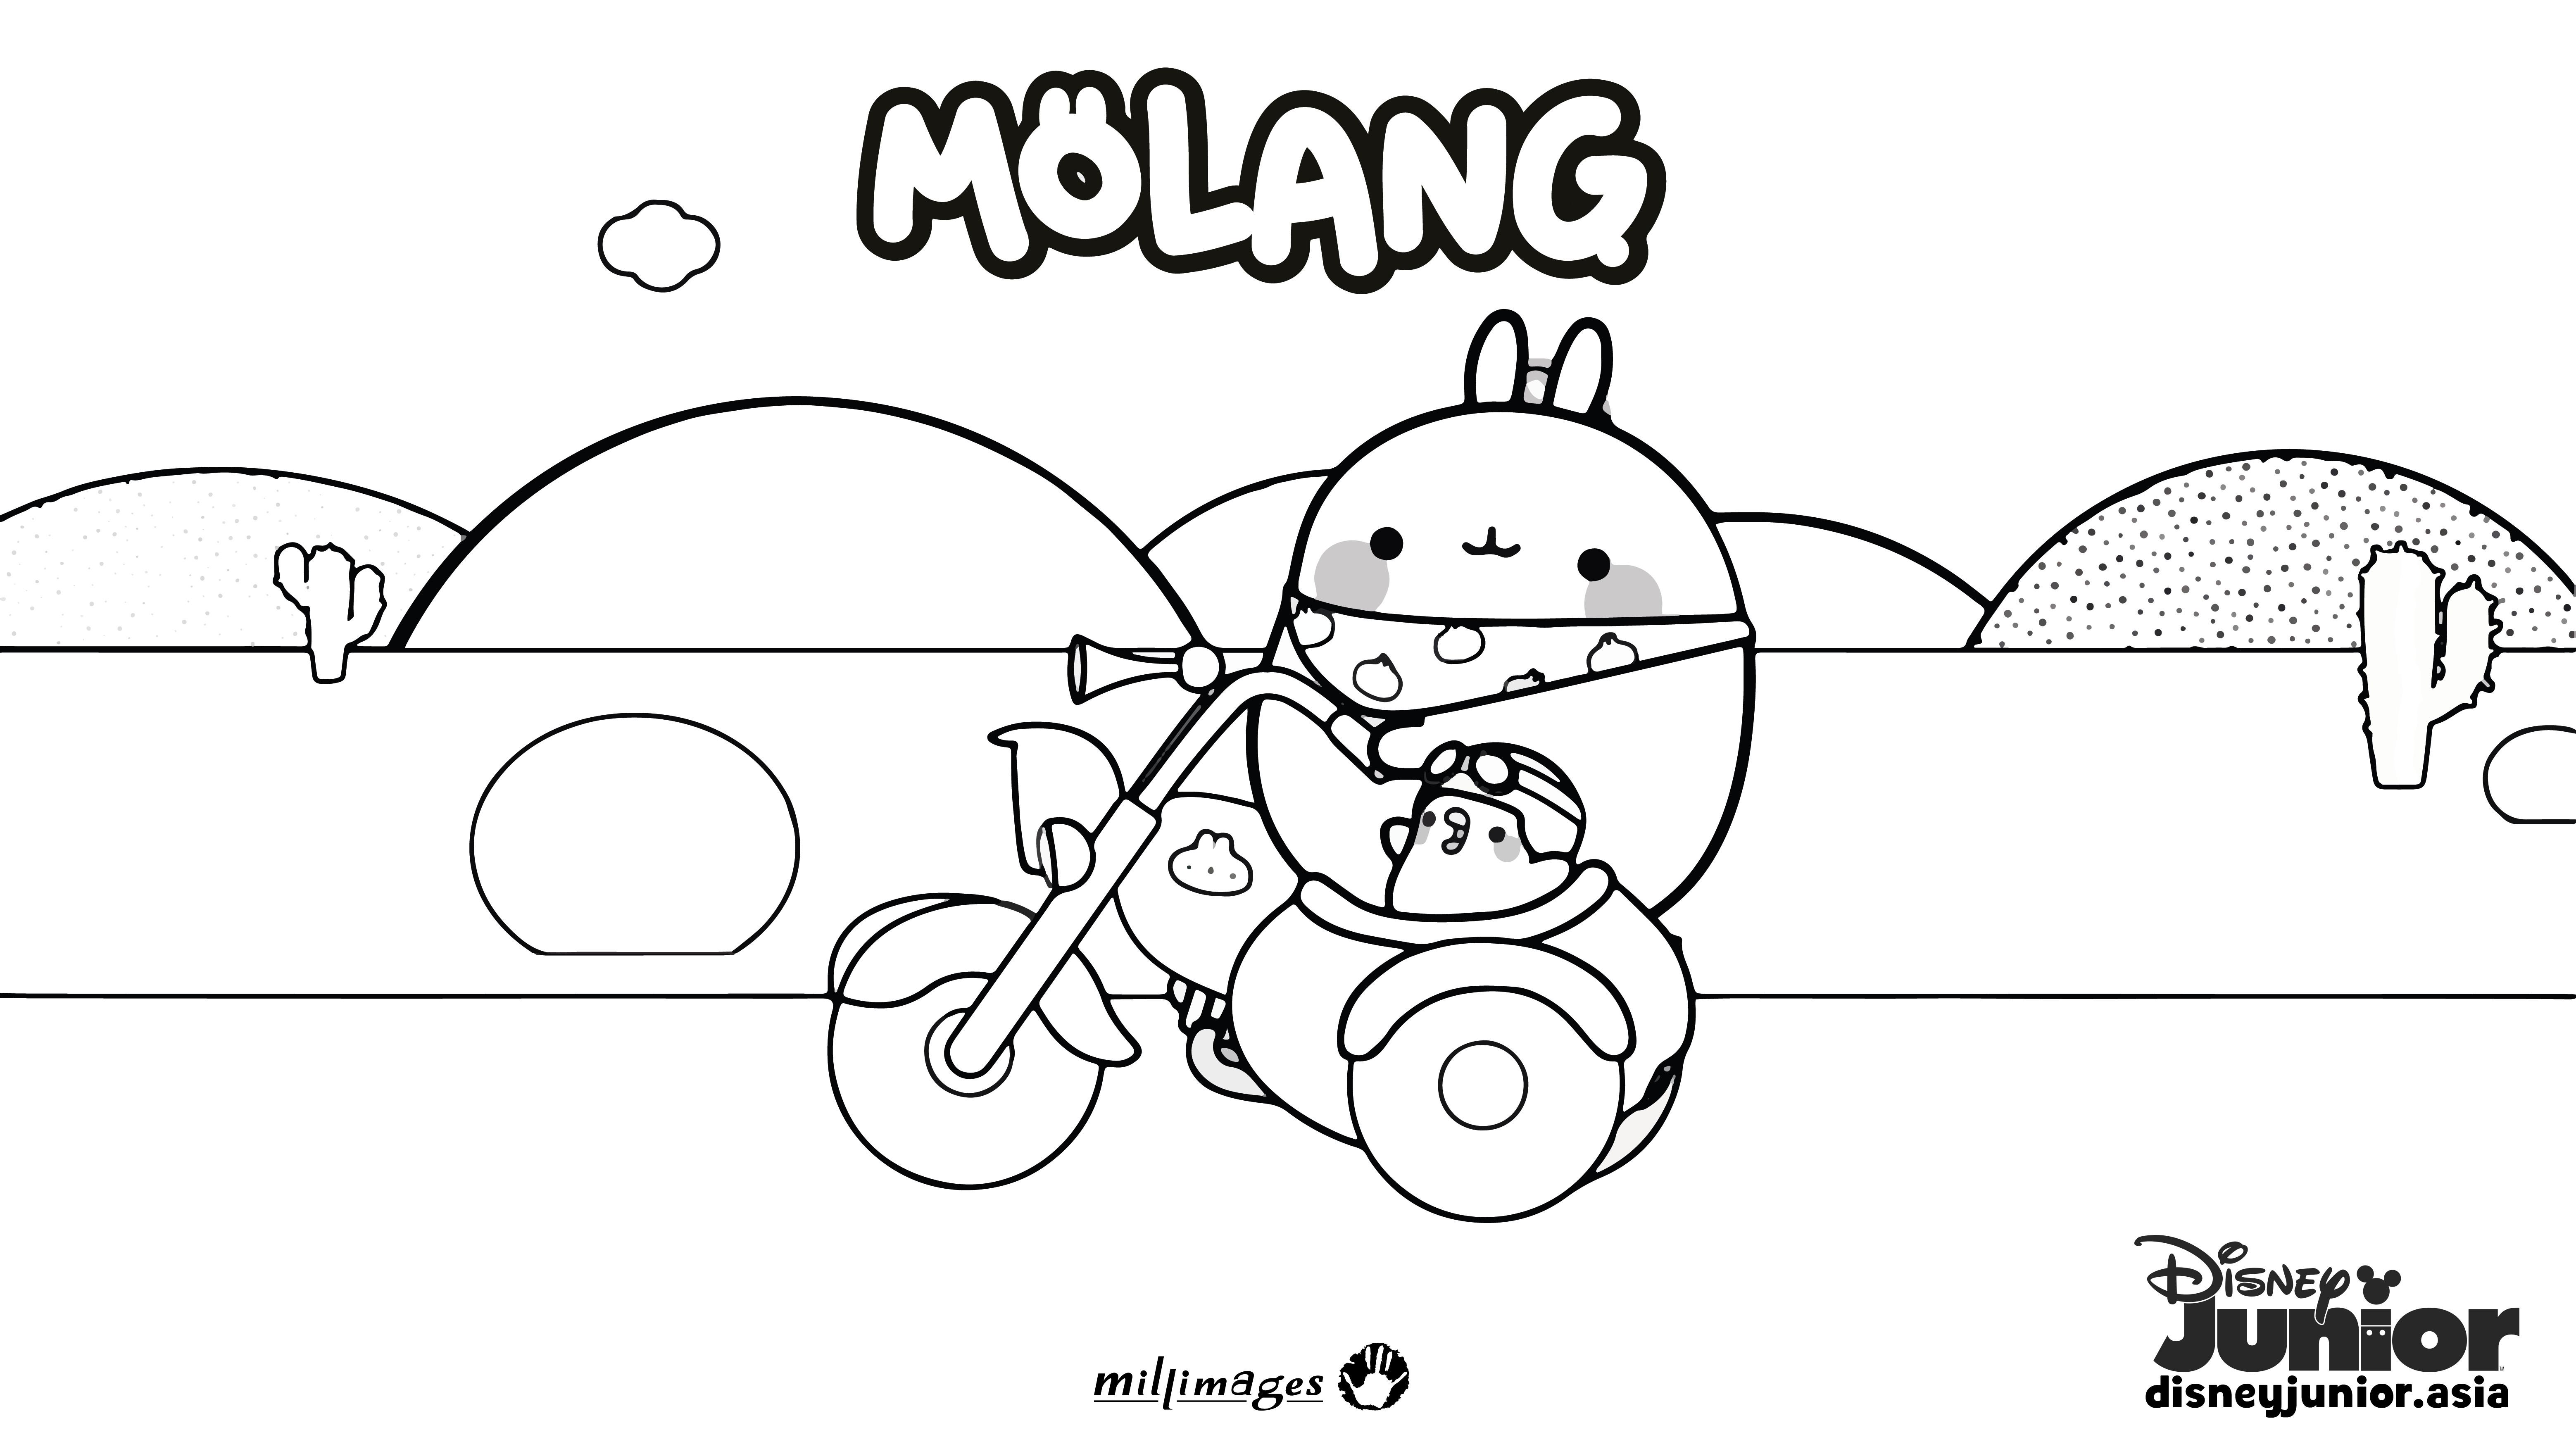 Ausmalbilder Pokemon Xy Neu Molang Colouring Page 2 Print these soon Das Bild